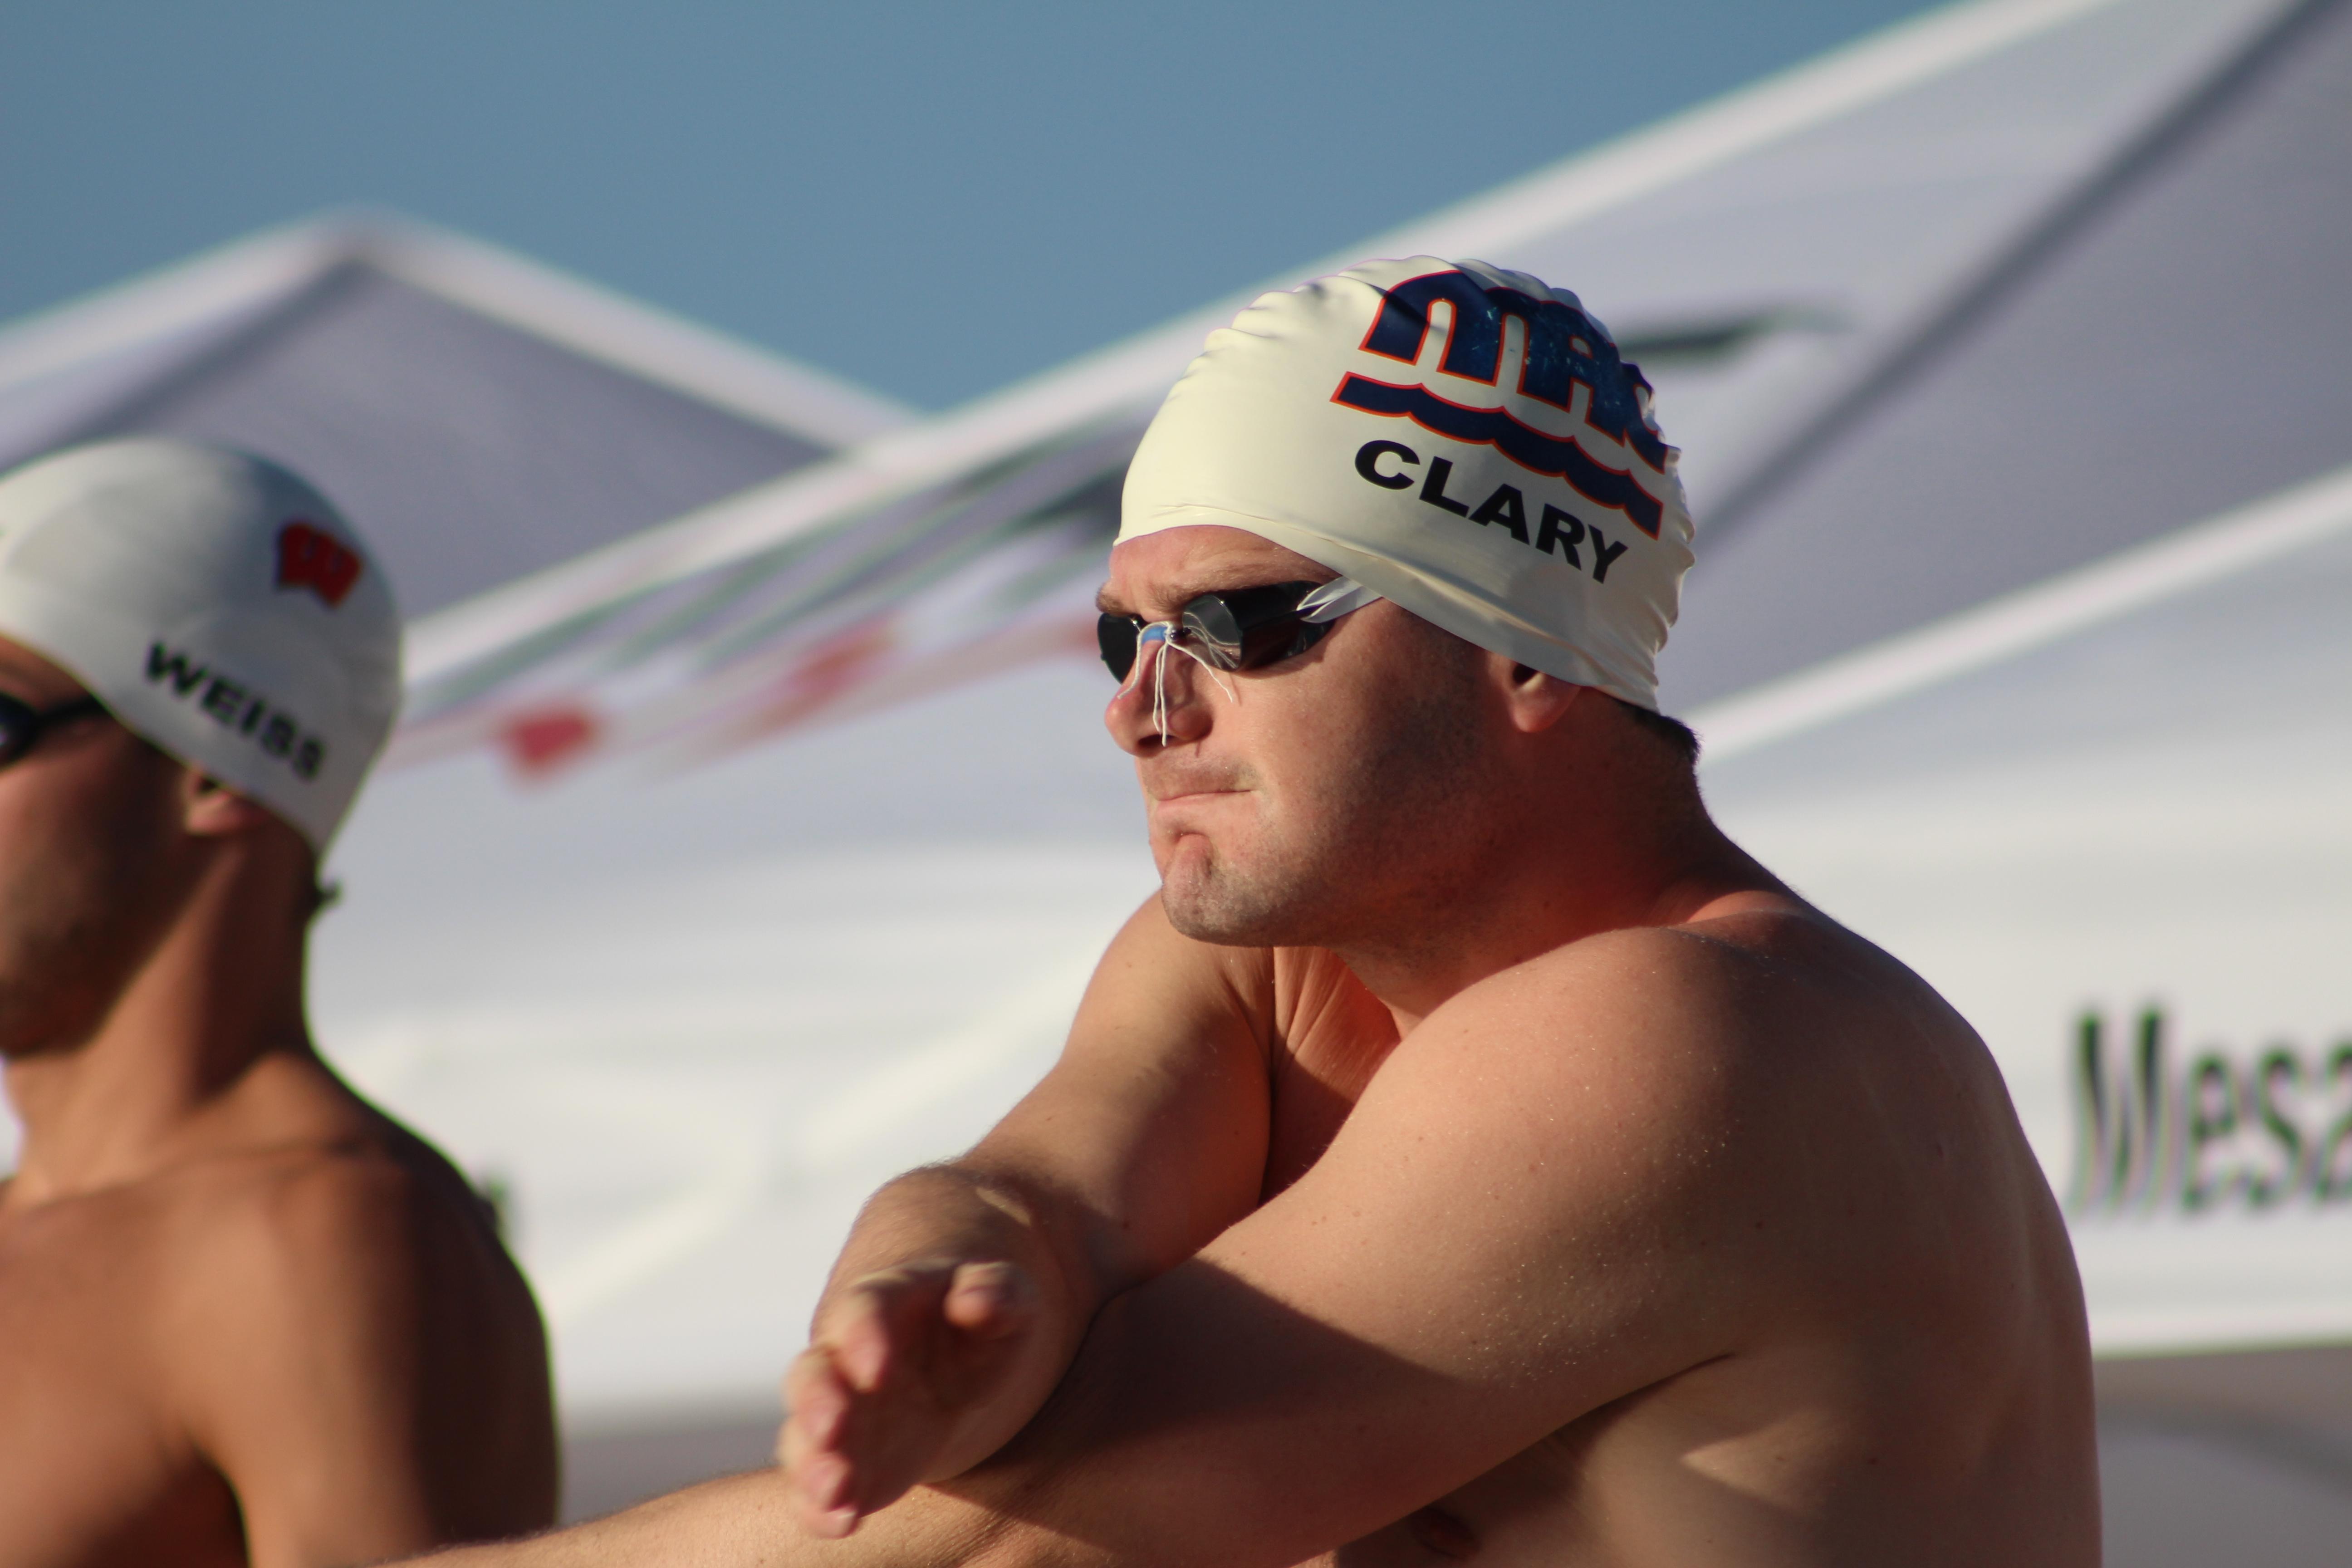 Tyler Clary